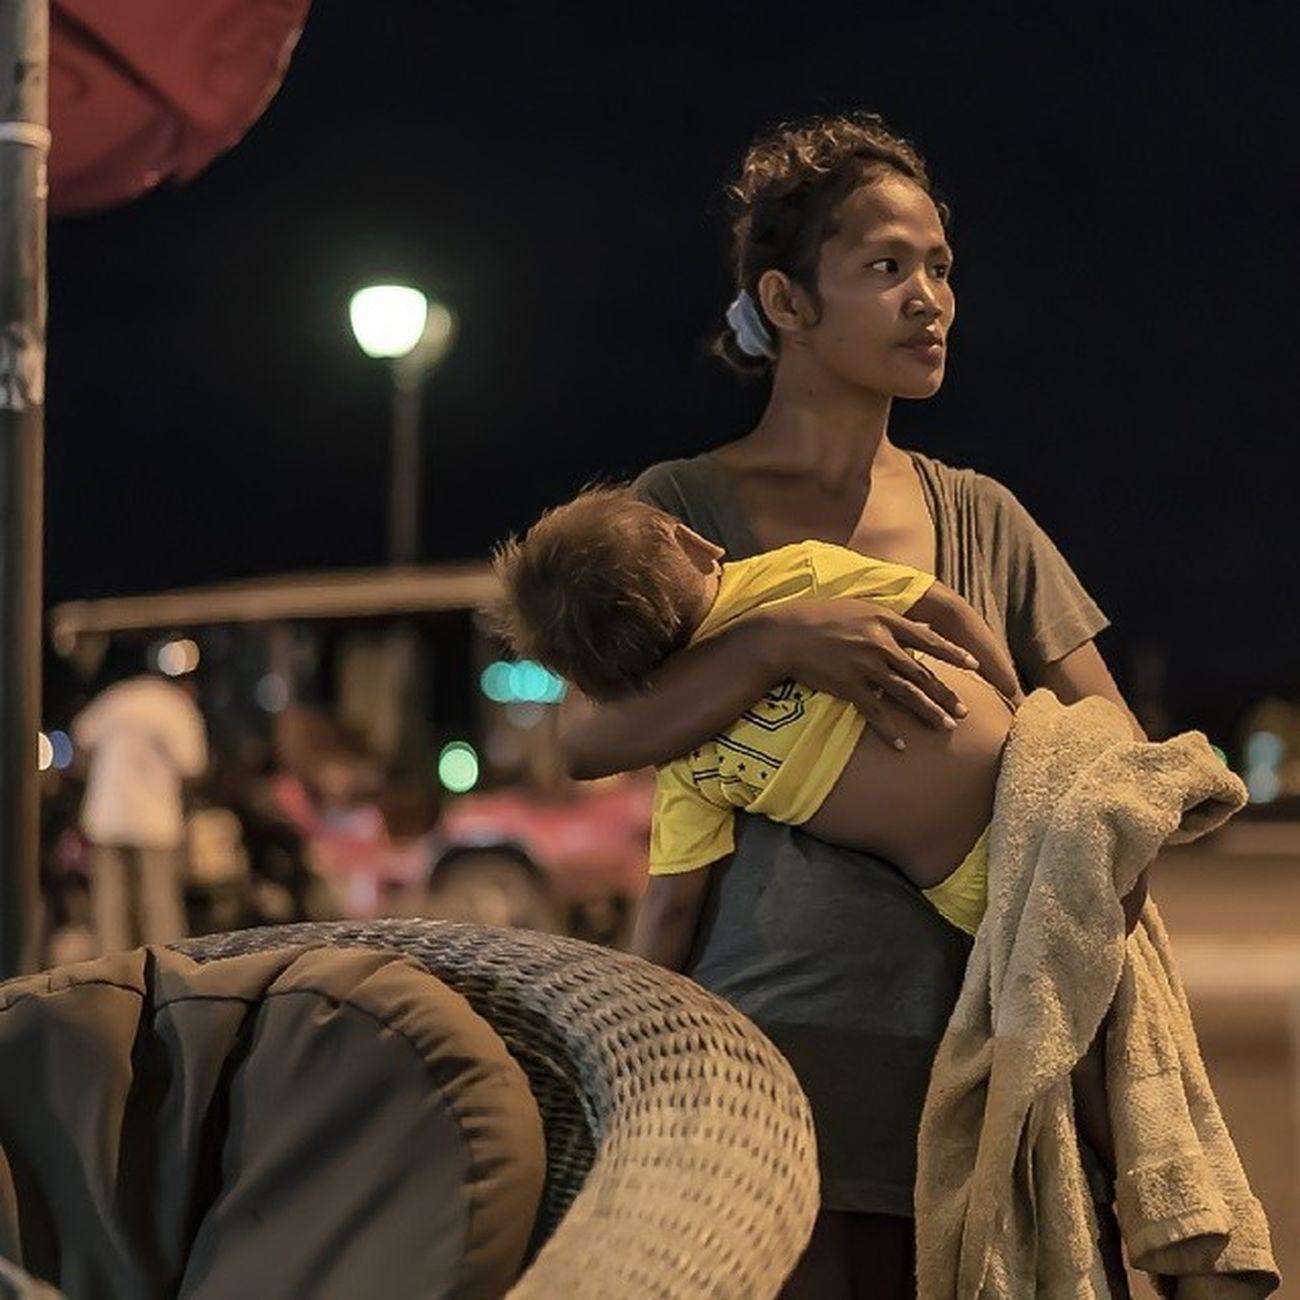 Phnom Pehn Phnompenh. Phnompenh Cambodia Tour In Cambodia Cambodians Cambodian Only In Cambodia Cambodge Cambodia Children Of Cambodia Kampuchea Cambodiangirls Cambodian Dress Cambodia Children Cambodiangirl Cambodian Girl Temples Buddha Buddhism Buddhist Buddah Buddism Buddist Temple Buddhist Temple